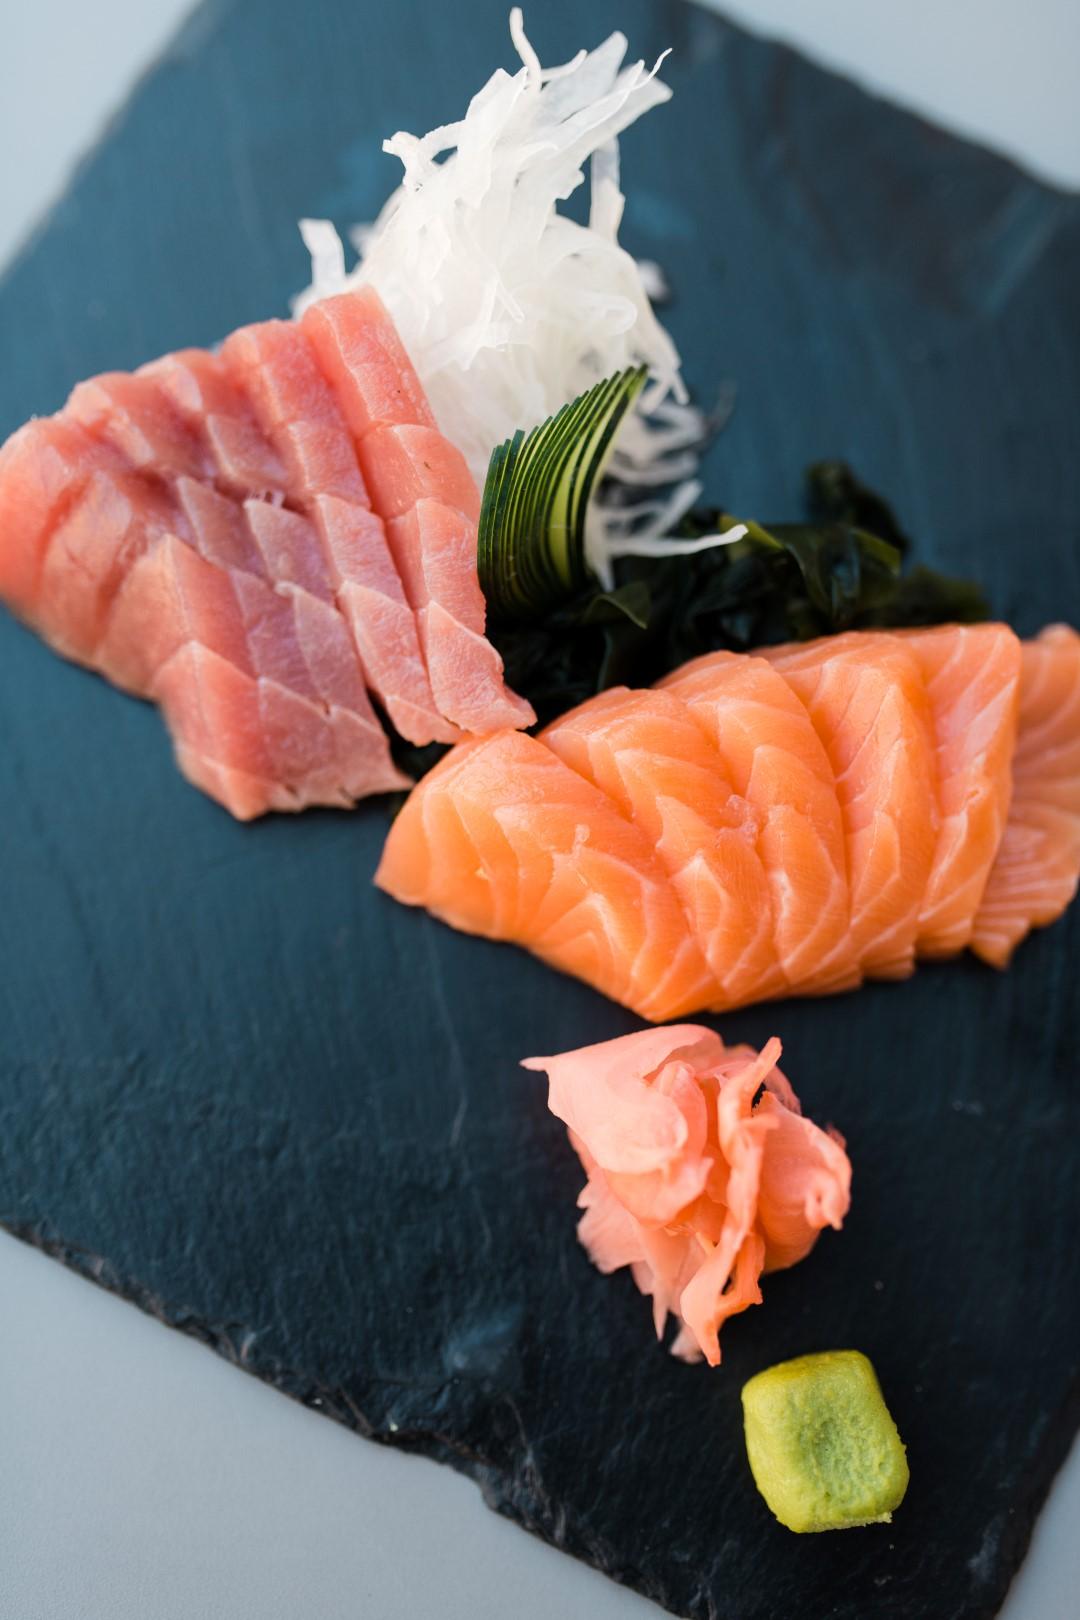 Sjajni SoHo Sushi stigao je u samo srce metropole!